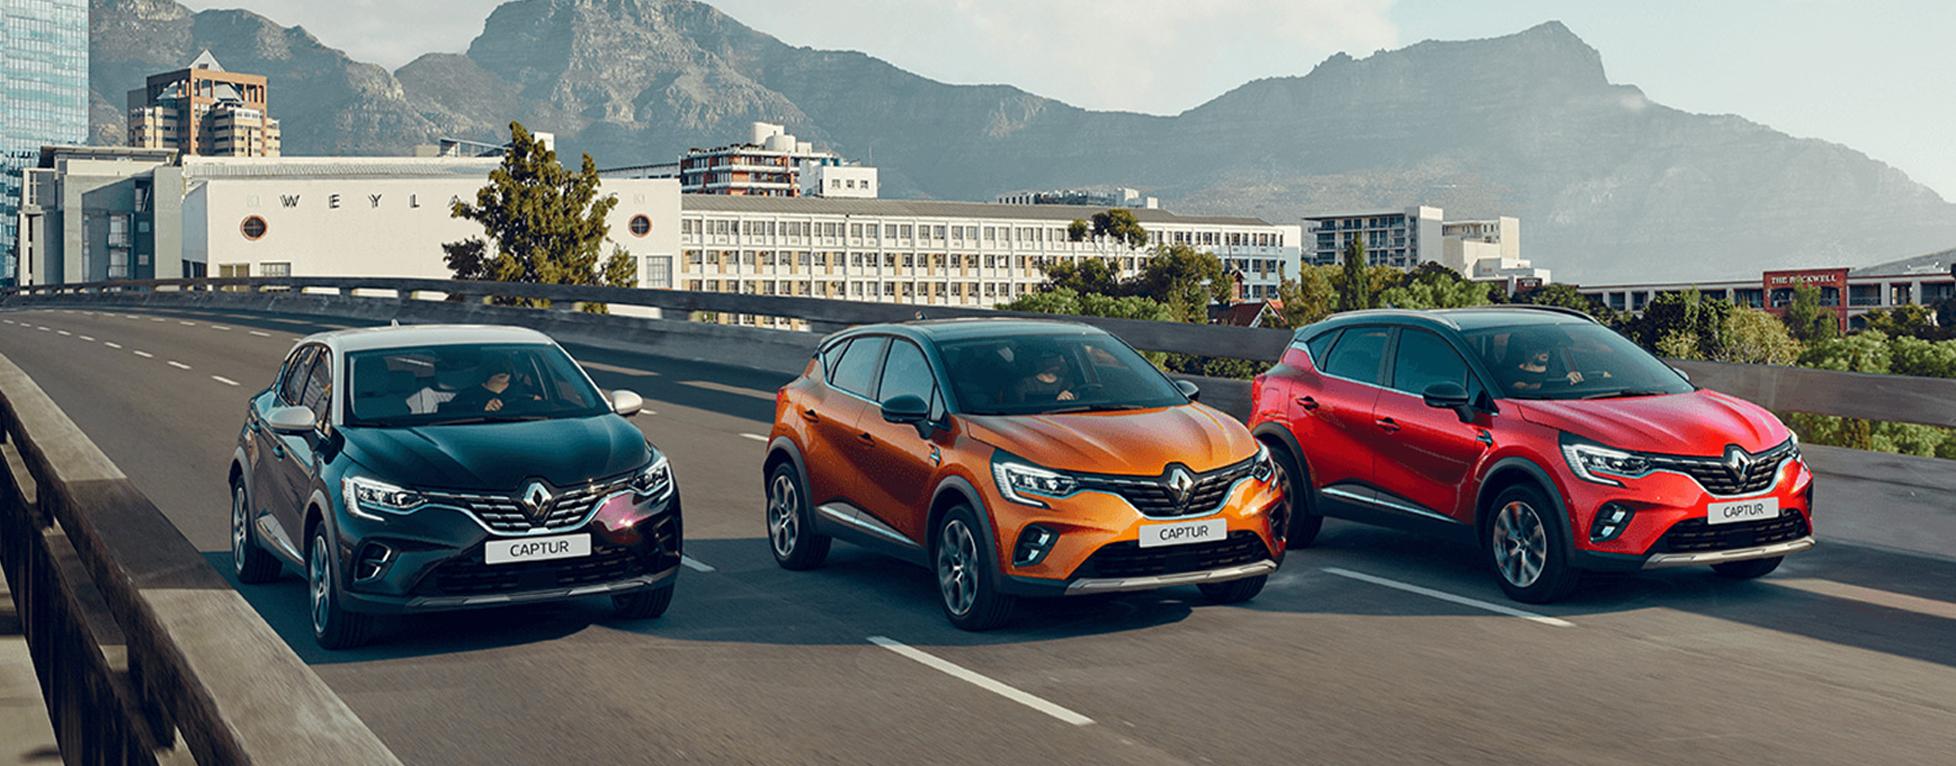 Renault vient de virer son patron et en cherche un nouveau. Quel est son portrait robot ?